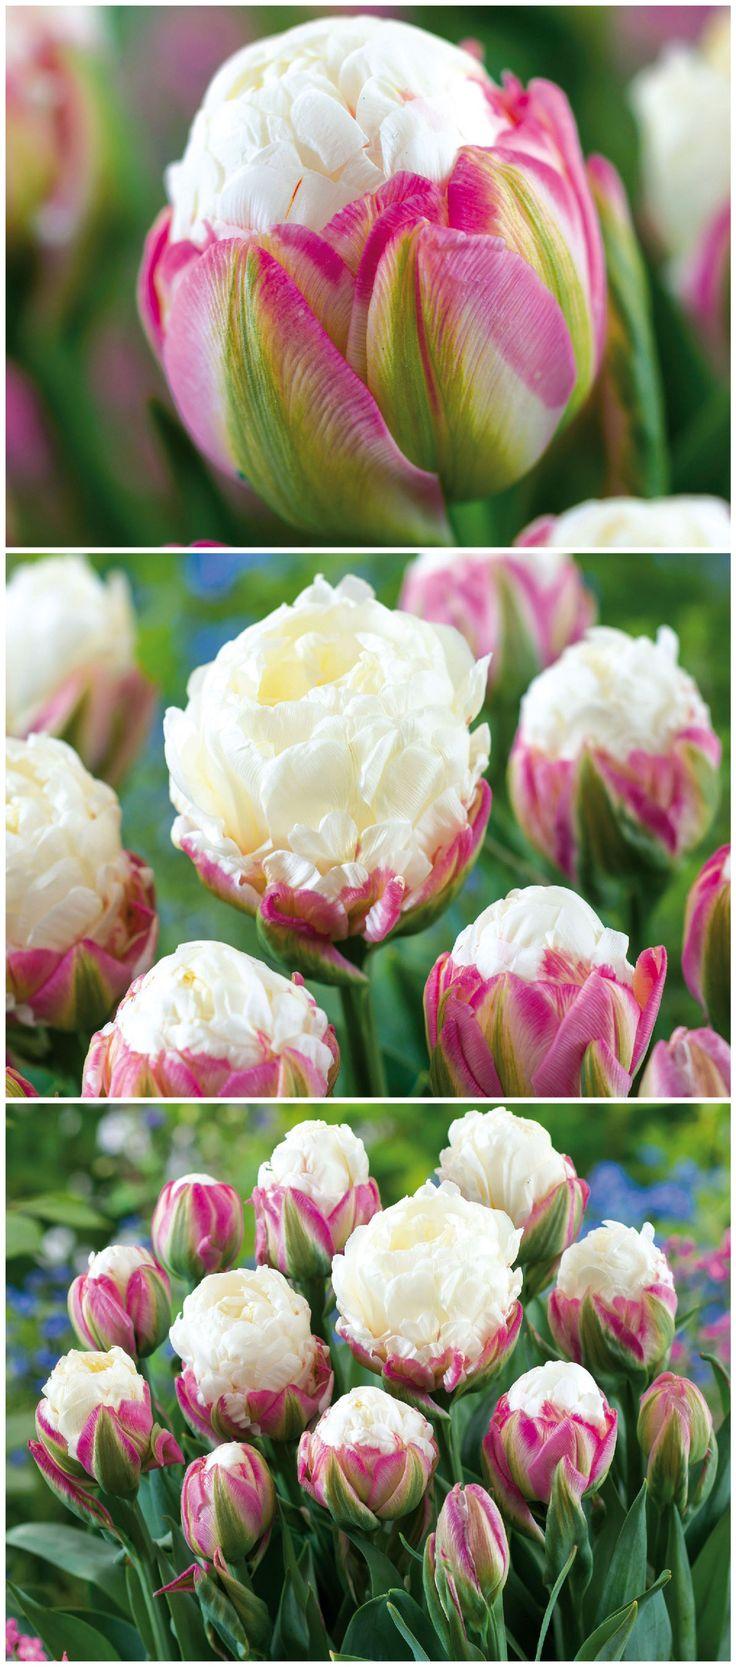 Gefüllte späte Tulpen 'Ice Cream' 3er Pack – Jetzt bestellen bei